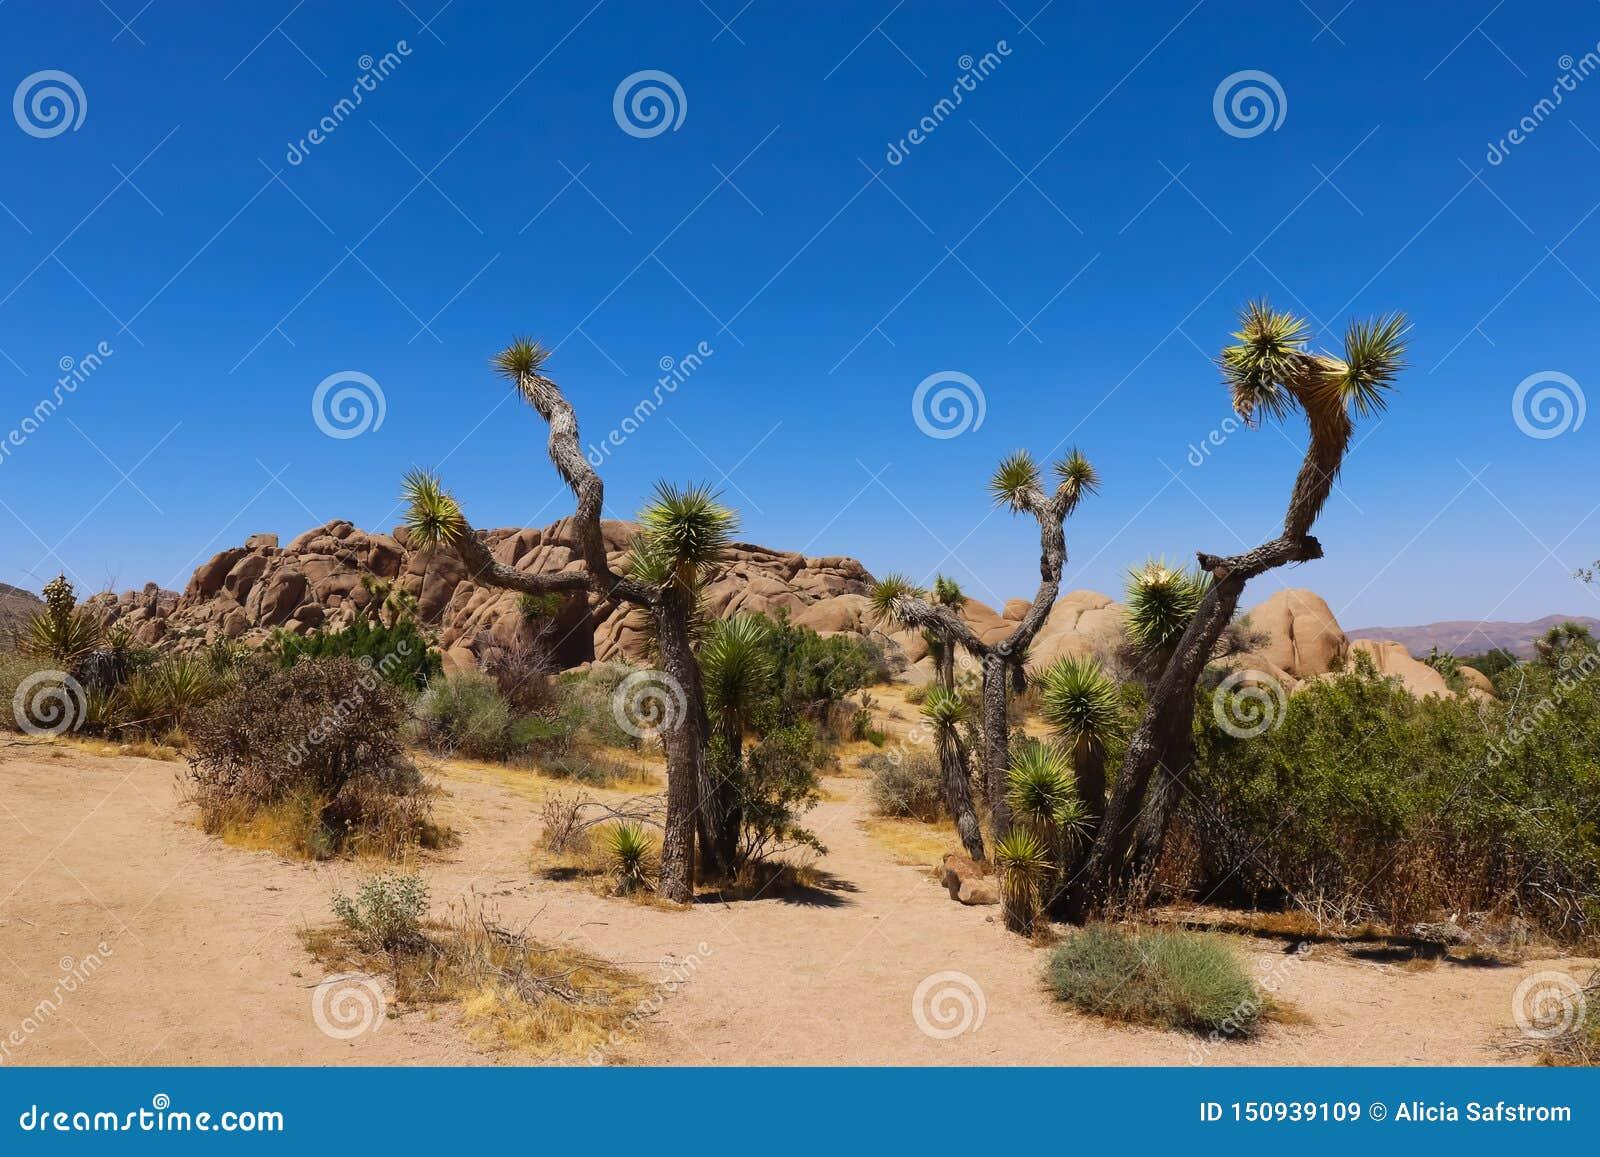 约书亚树国家公园,莫哈韦沙漠